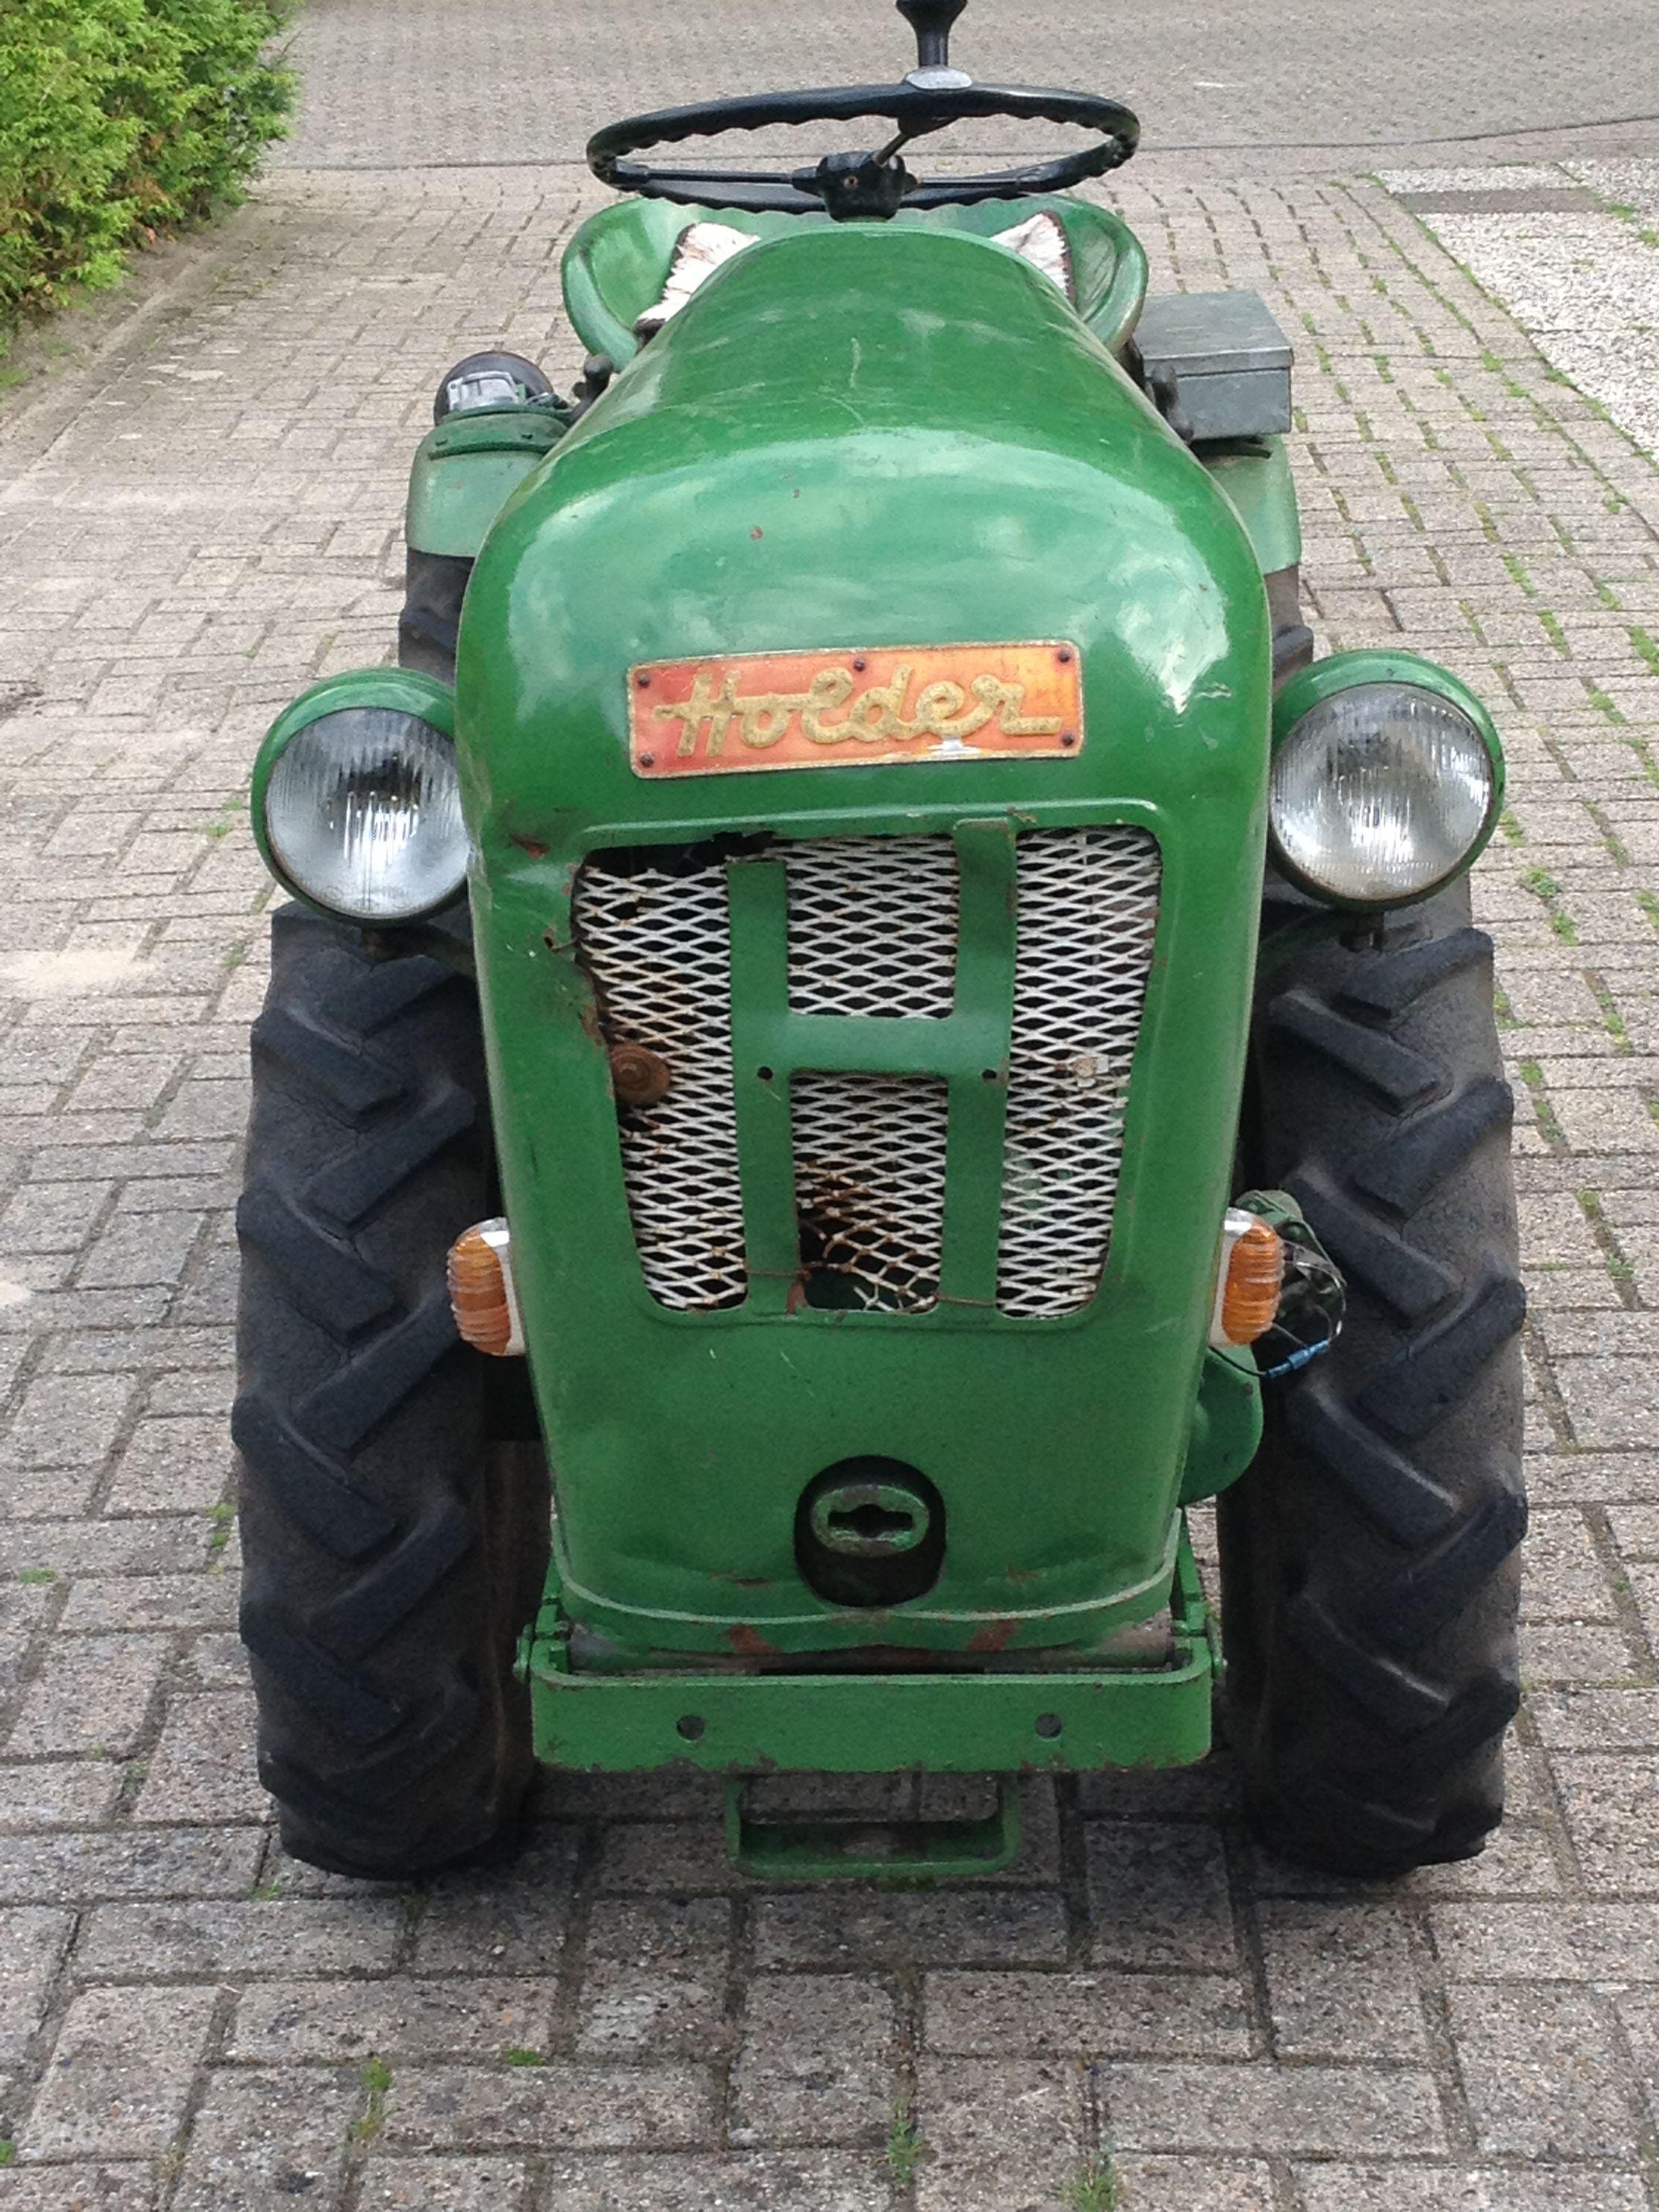 holder a12 tractors vintage tractors antique tractors. Black Bedroom Furniture Sets. Home Design Ideas